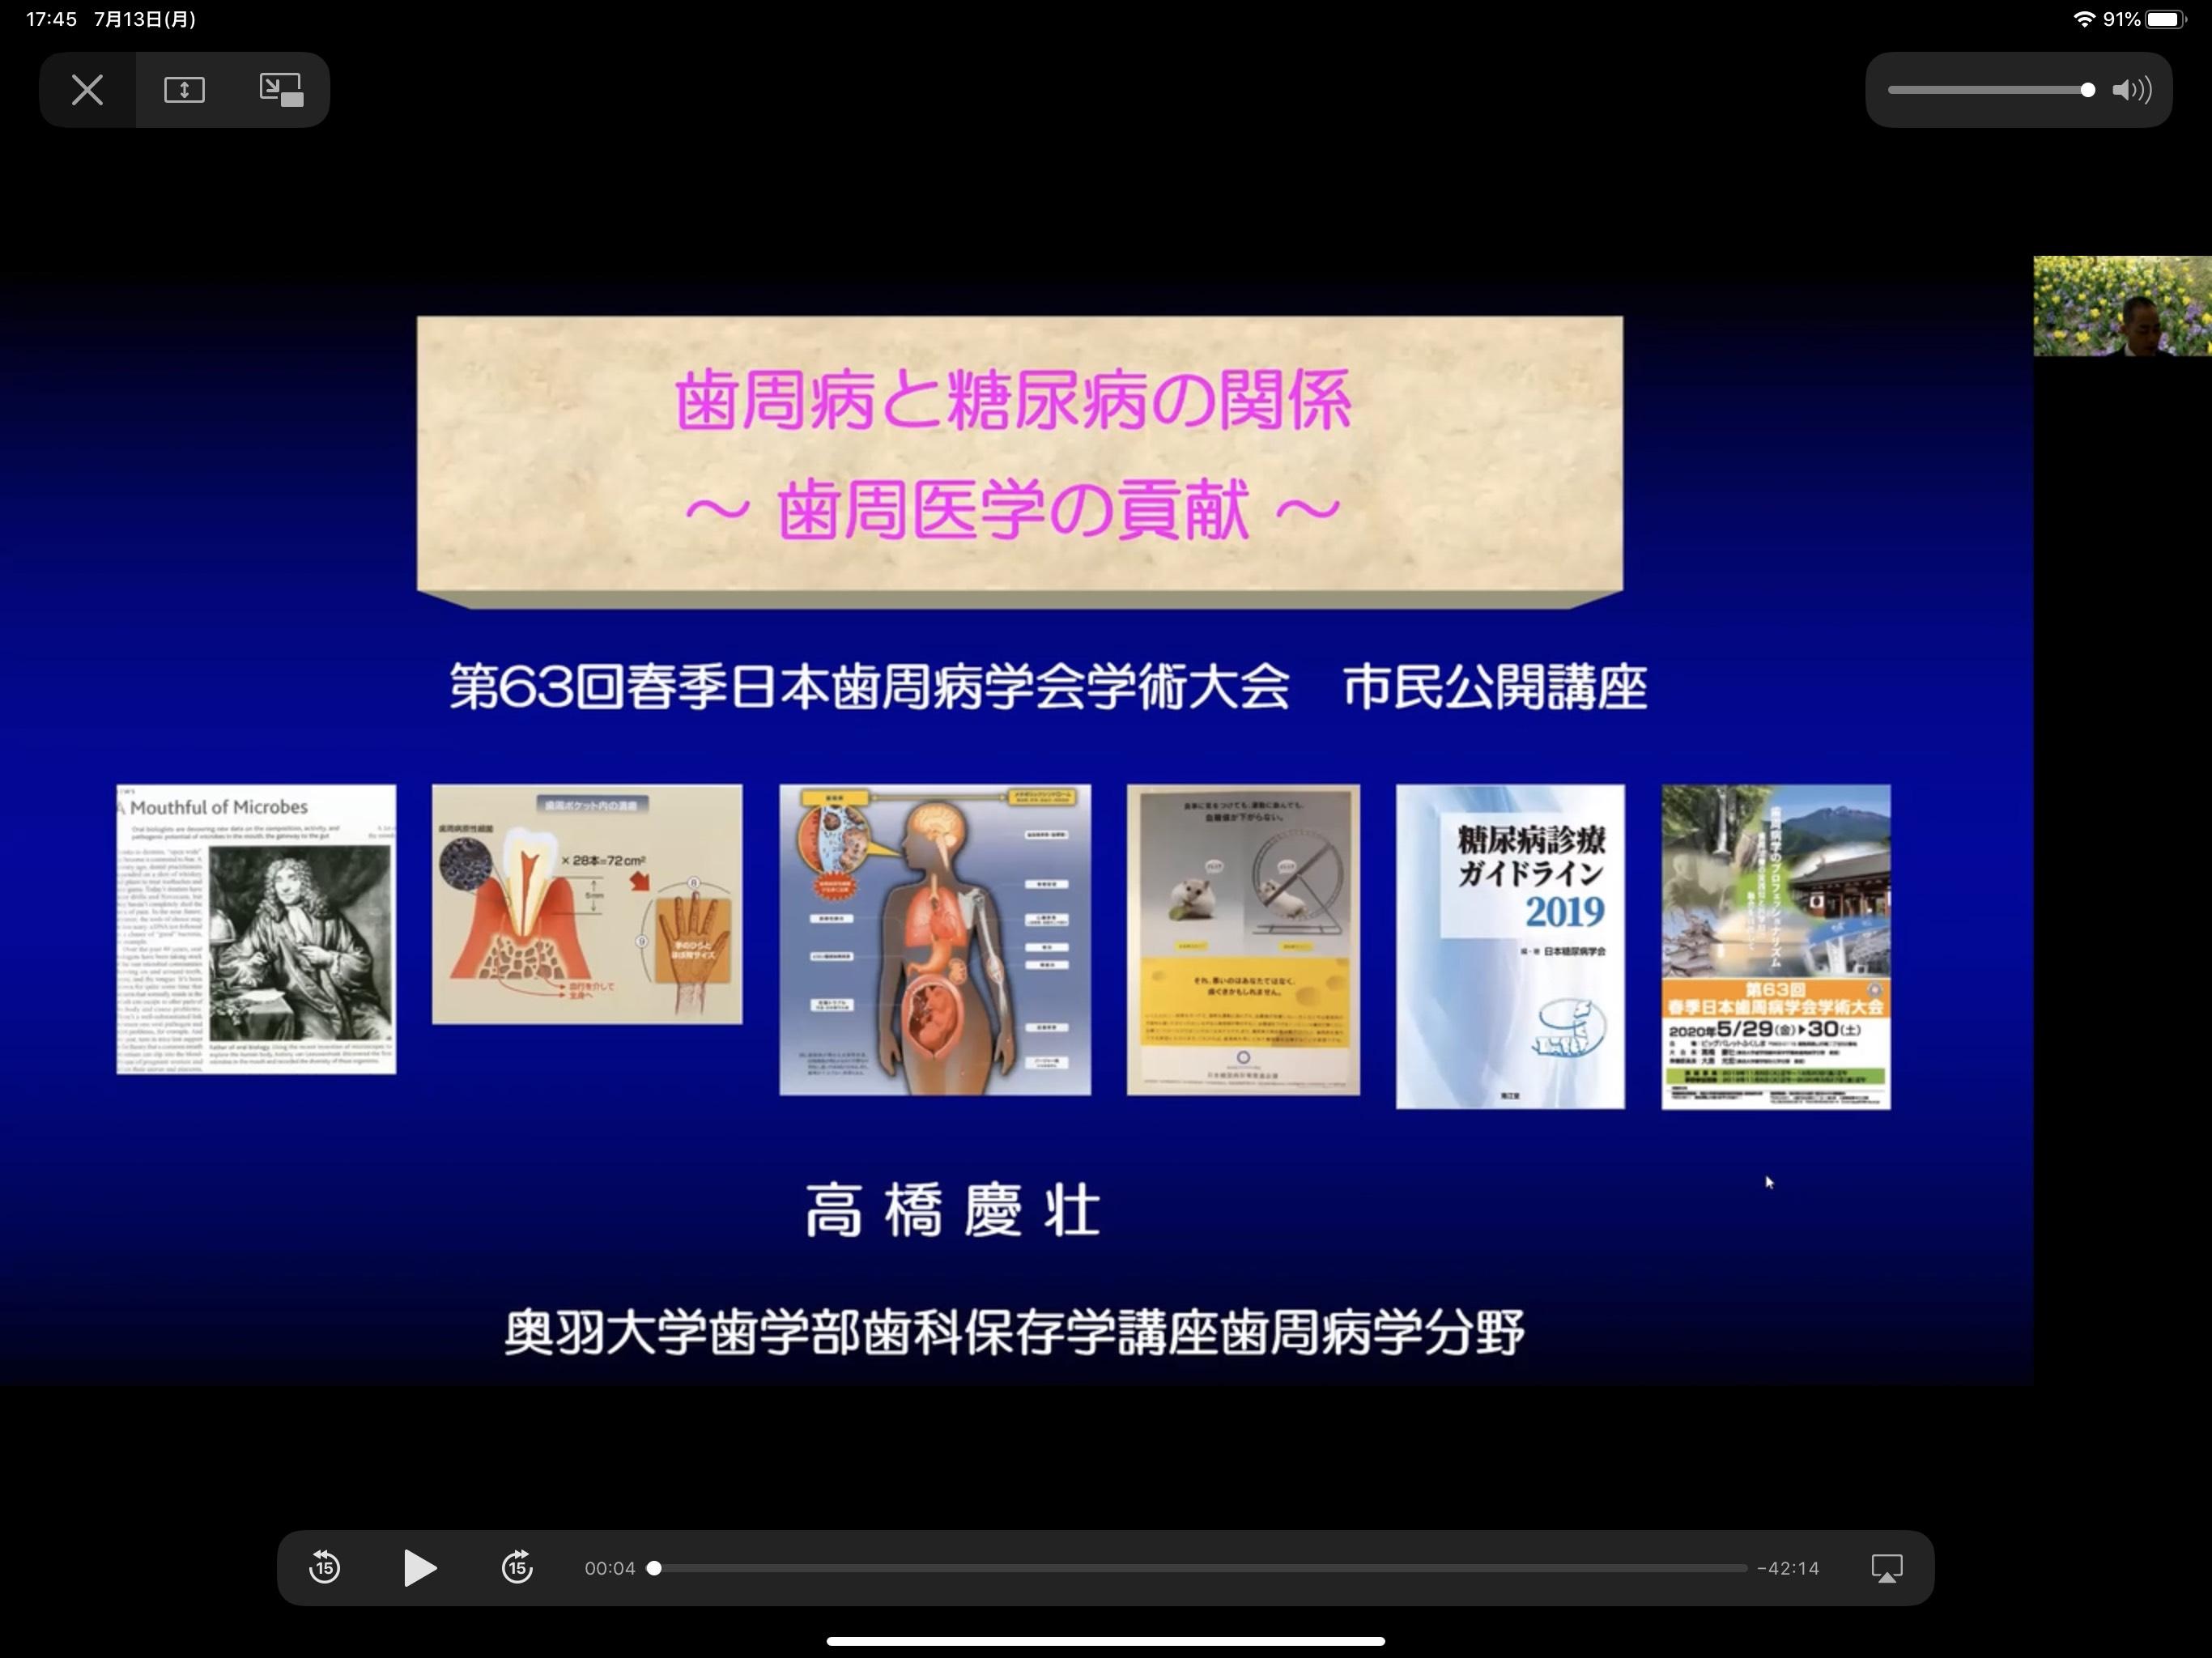 第63回春季日本歯周病学会オンライン学術大会